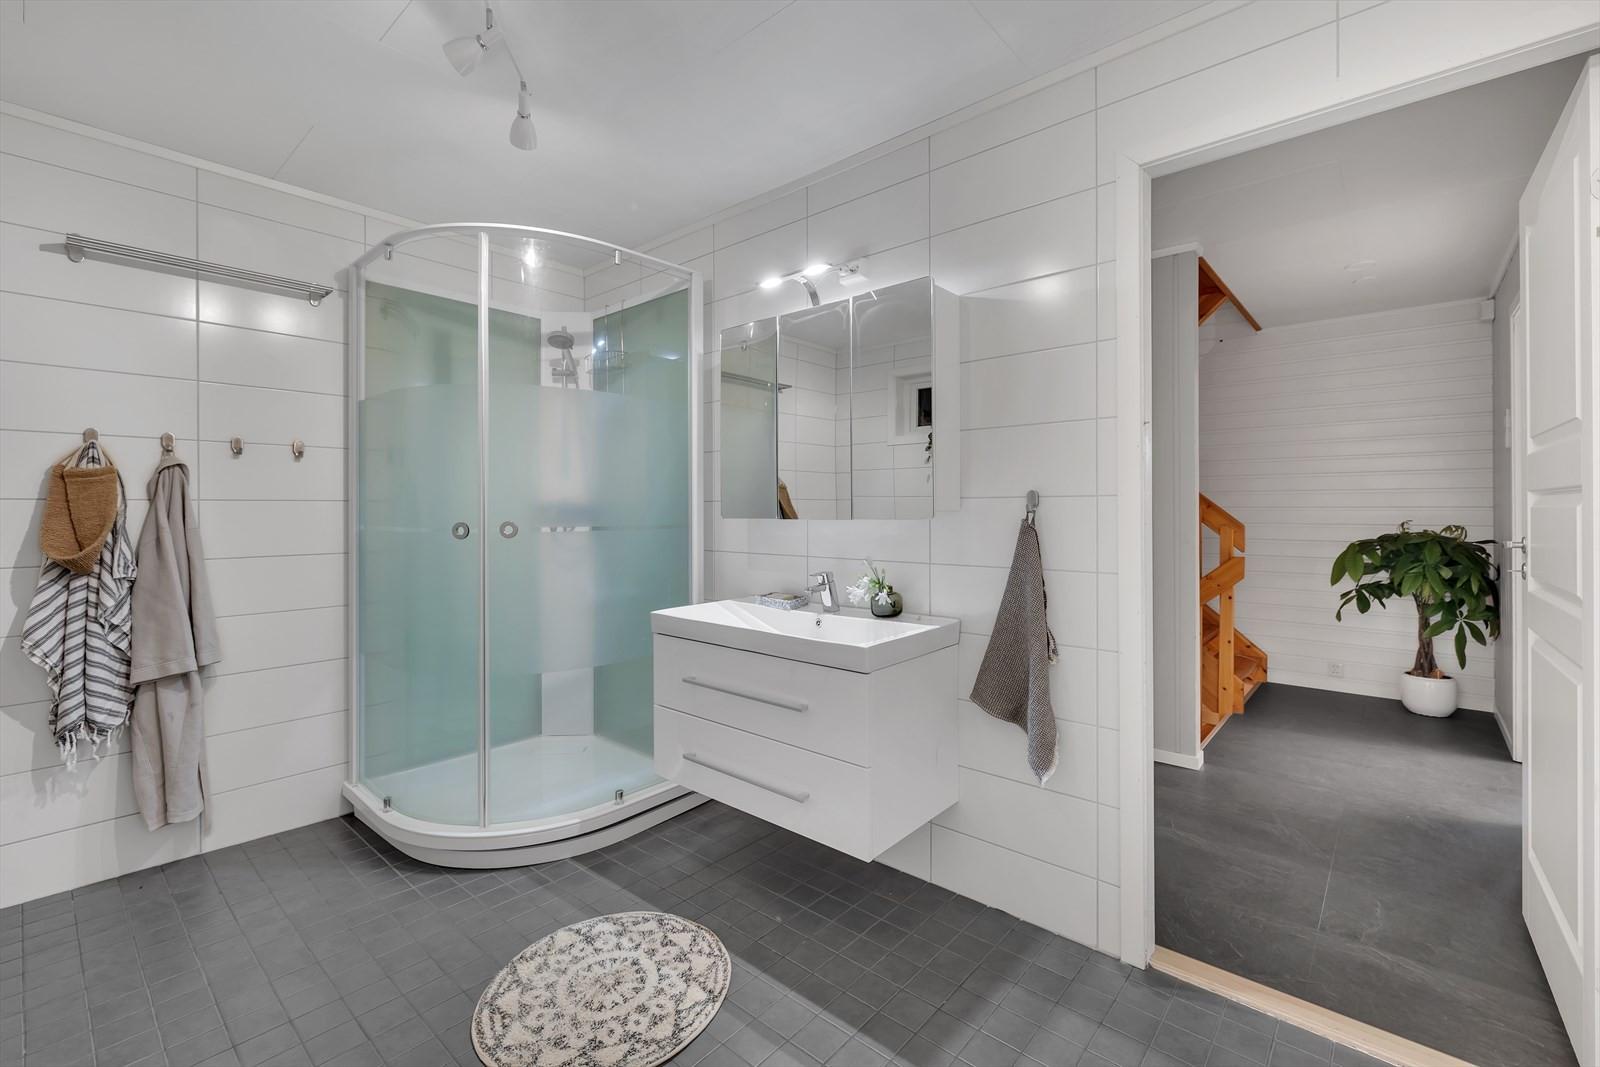 Flislagt badrom med god standard.